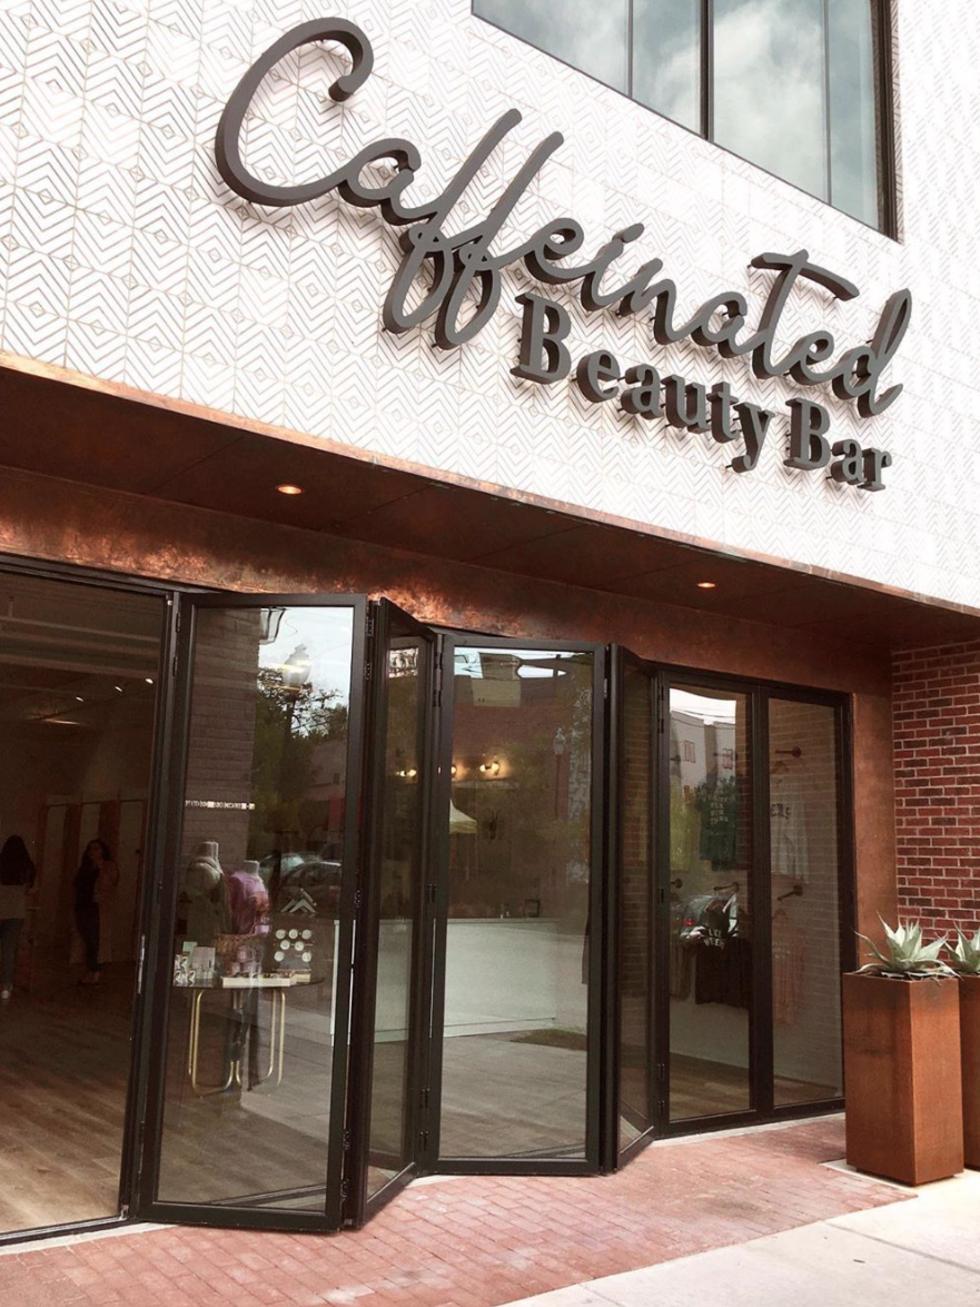 Caffeinated Beauty Bar